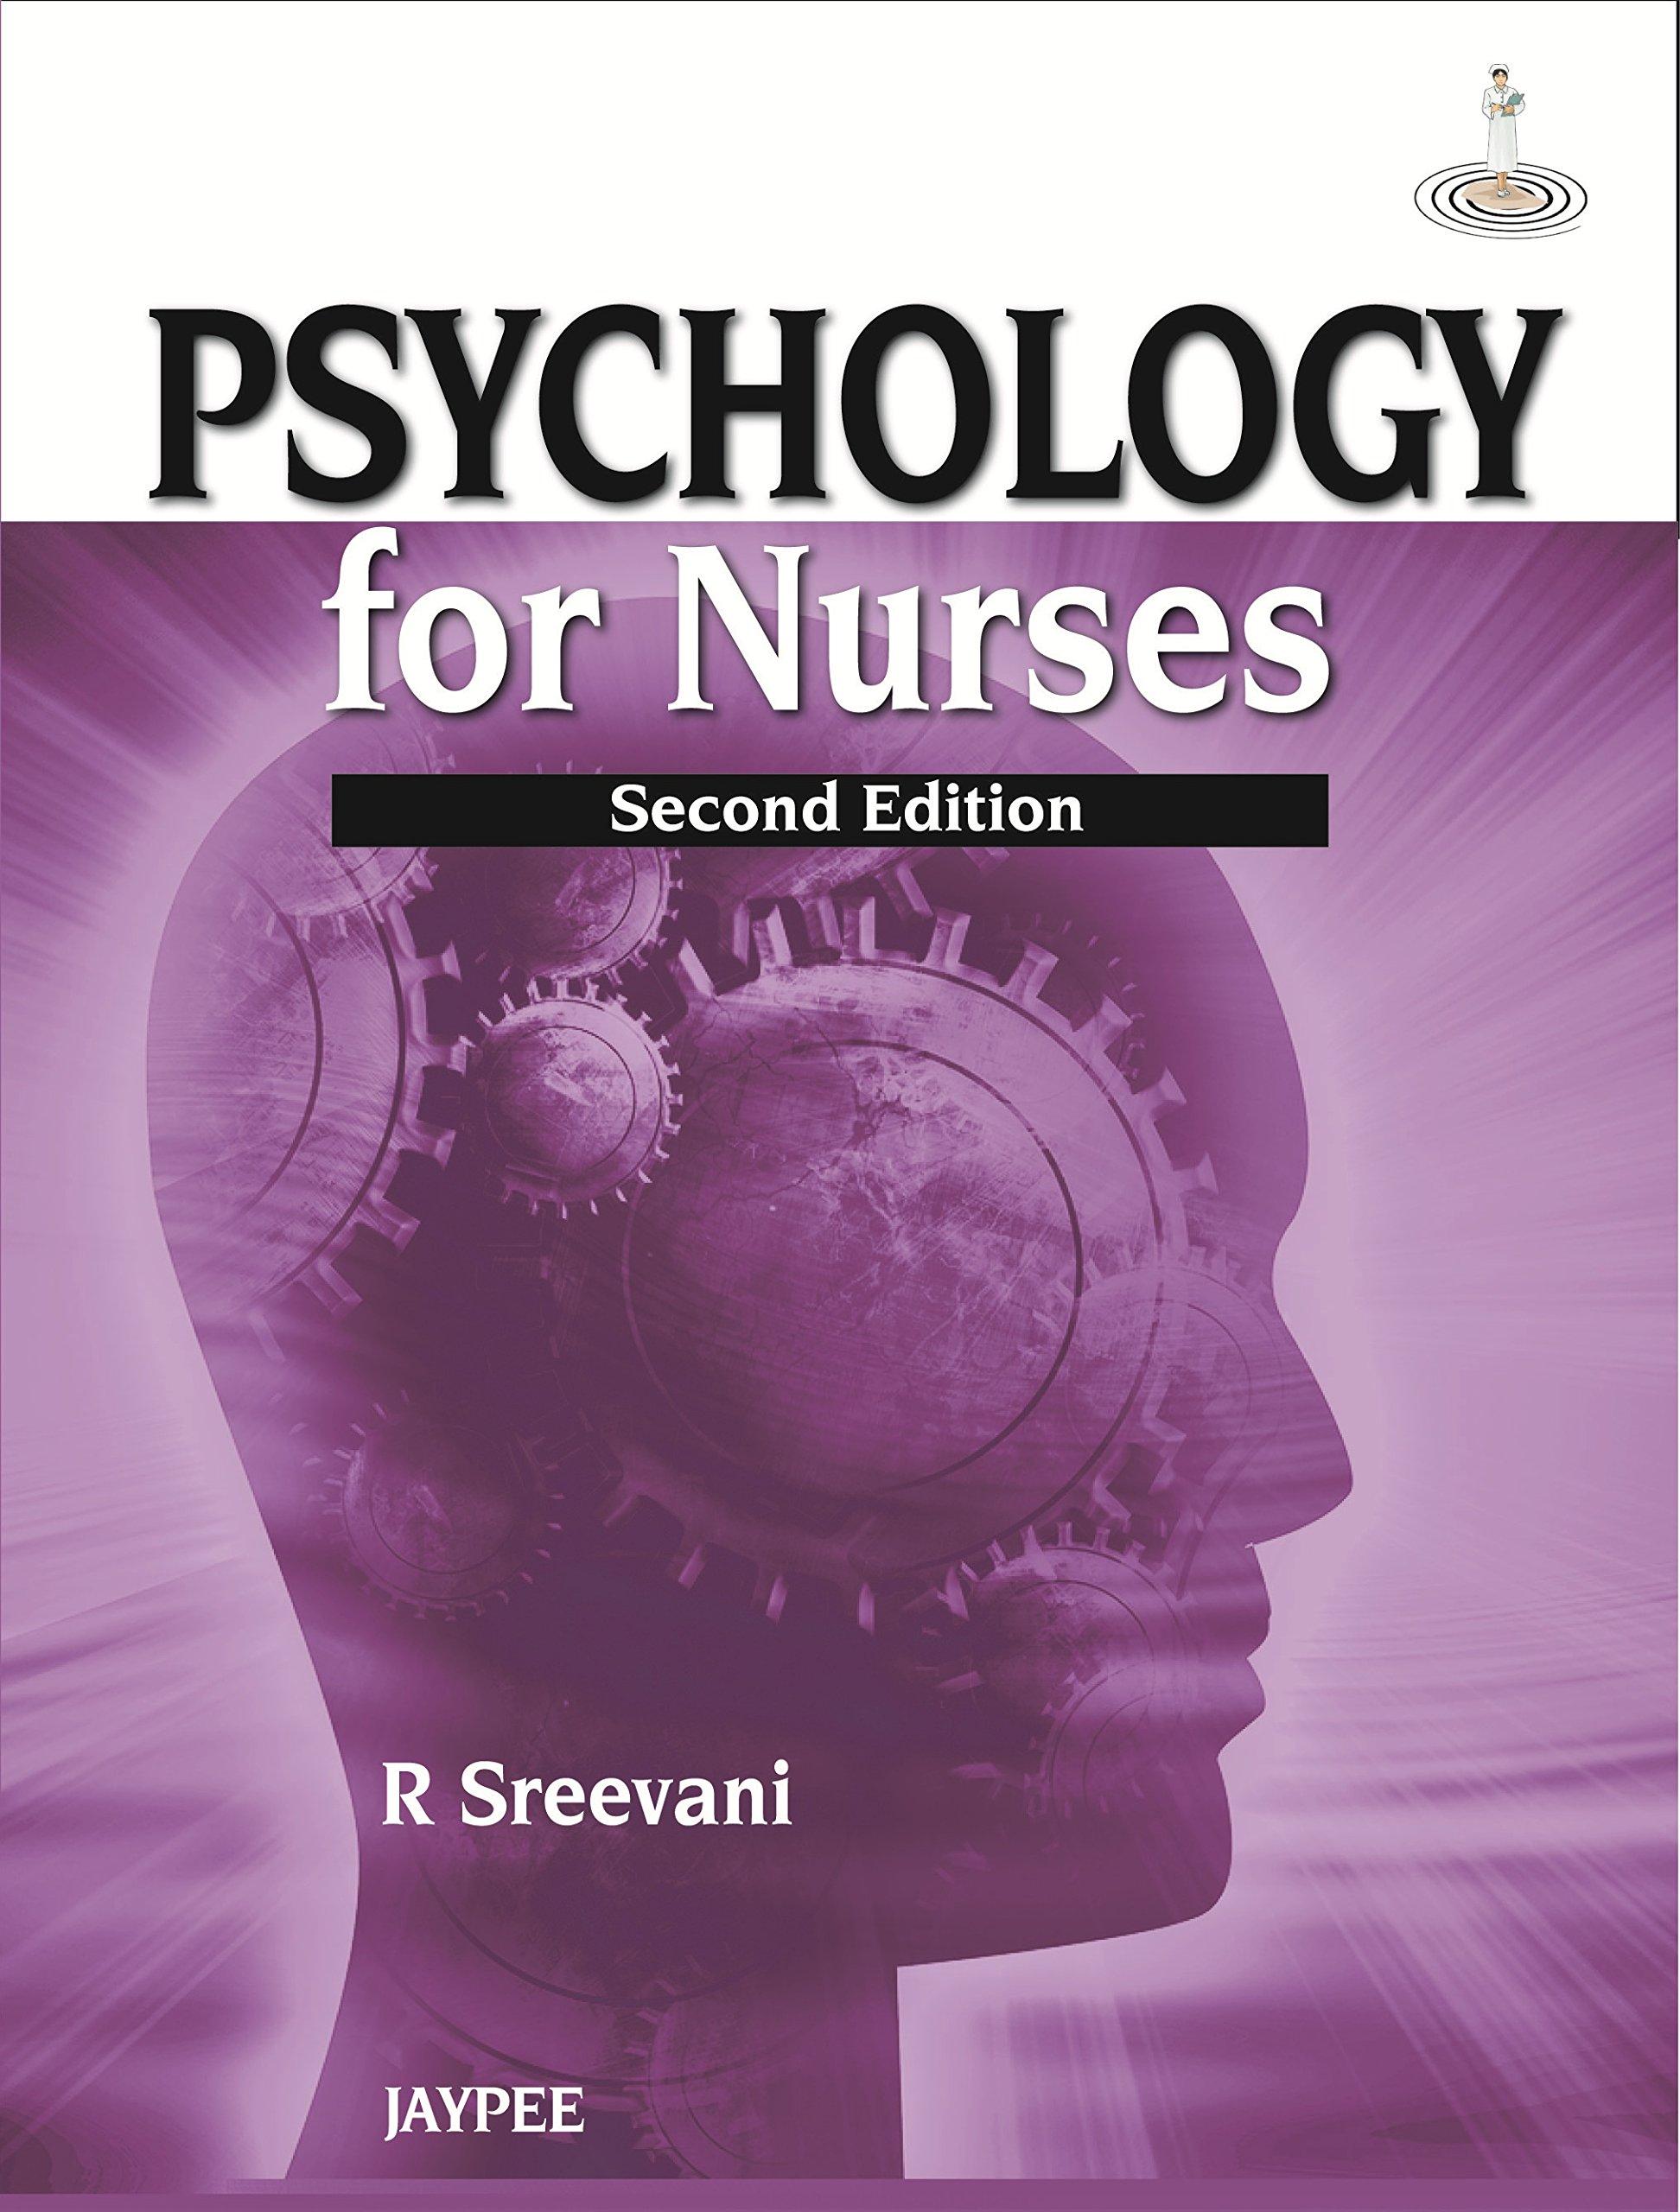 psycholog for nurses r sreevani